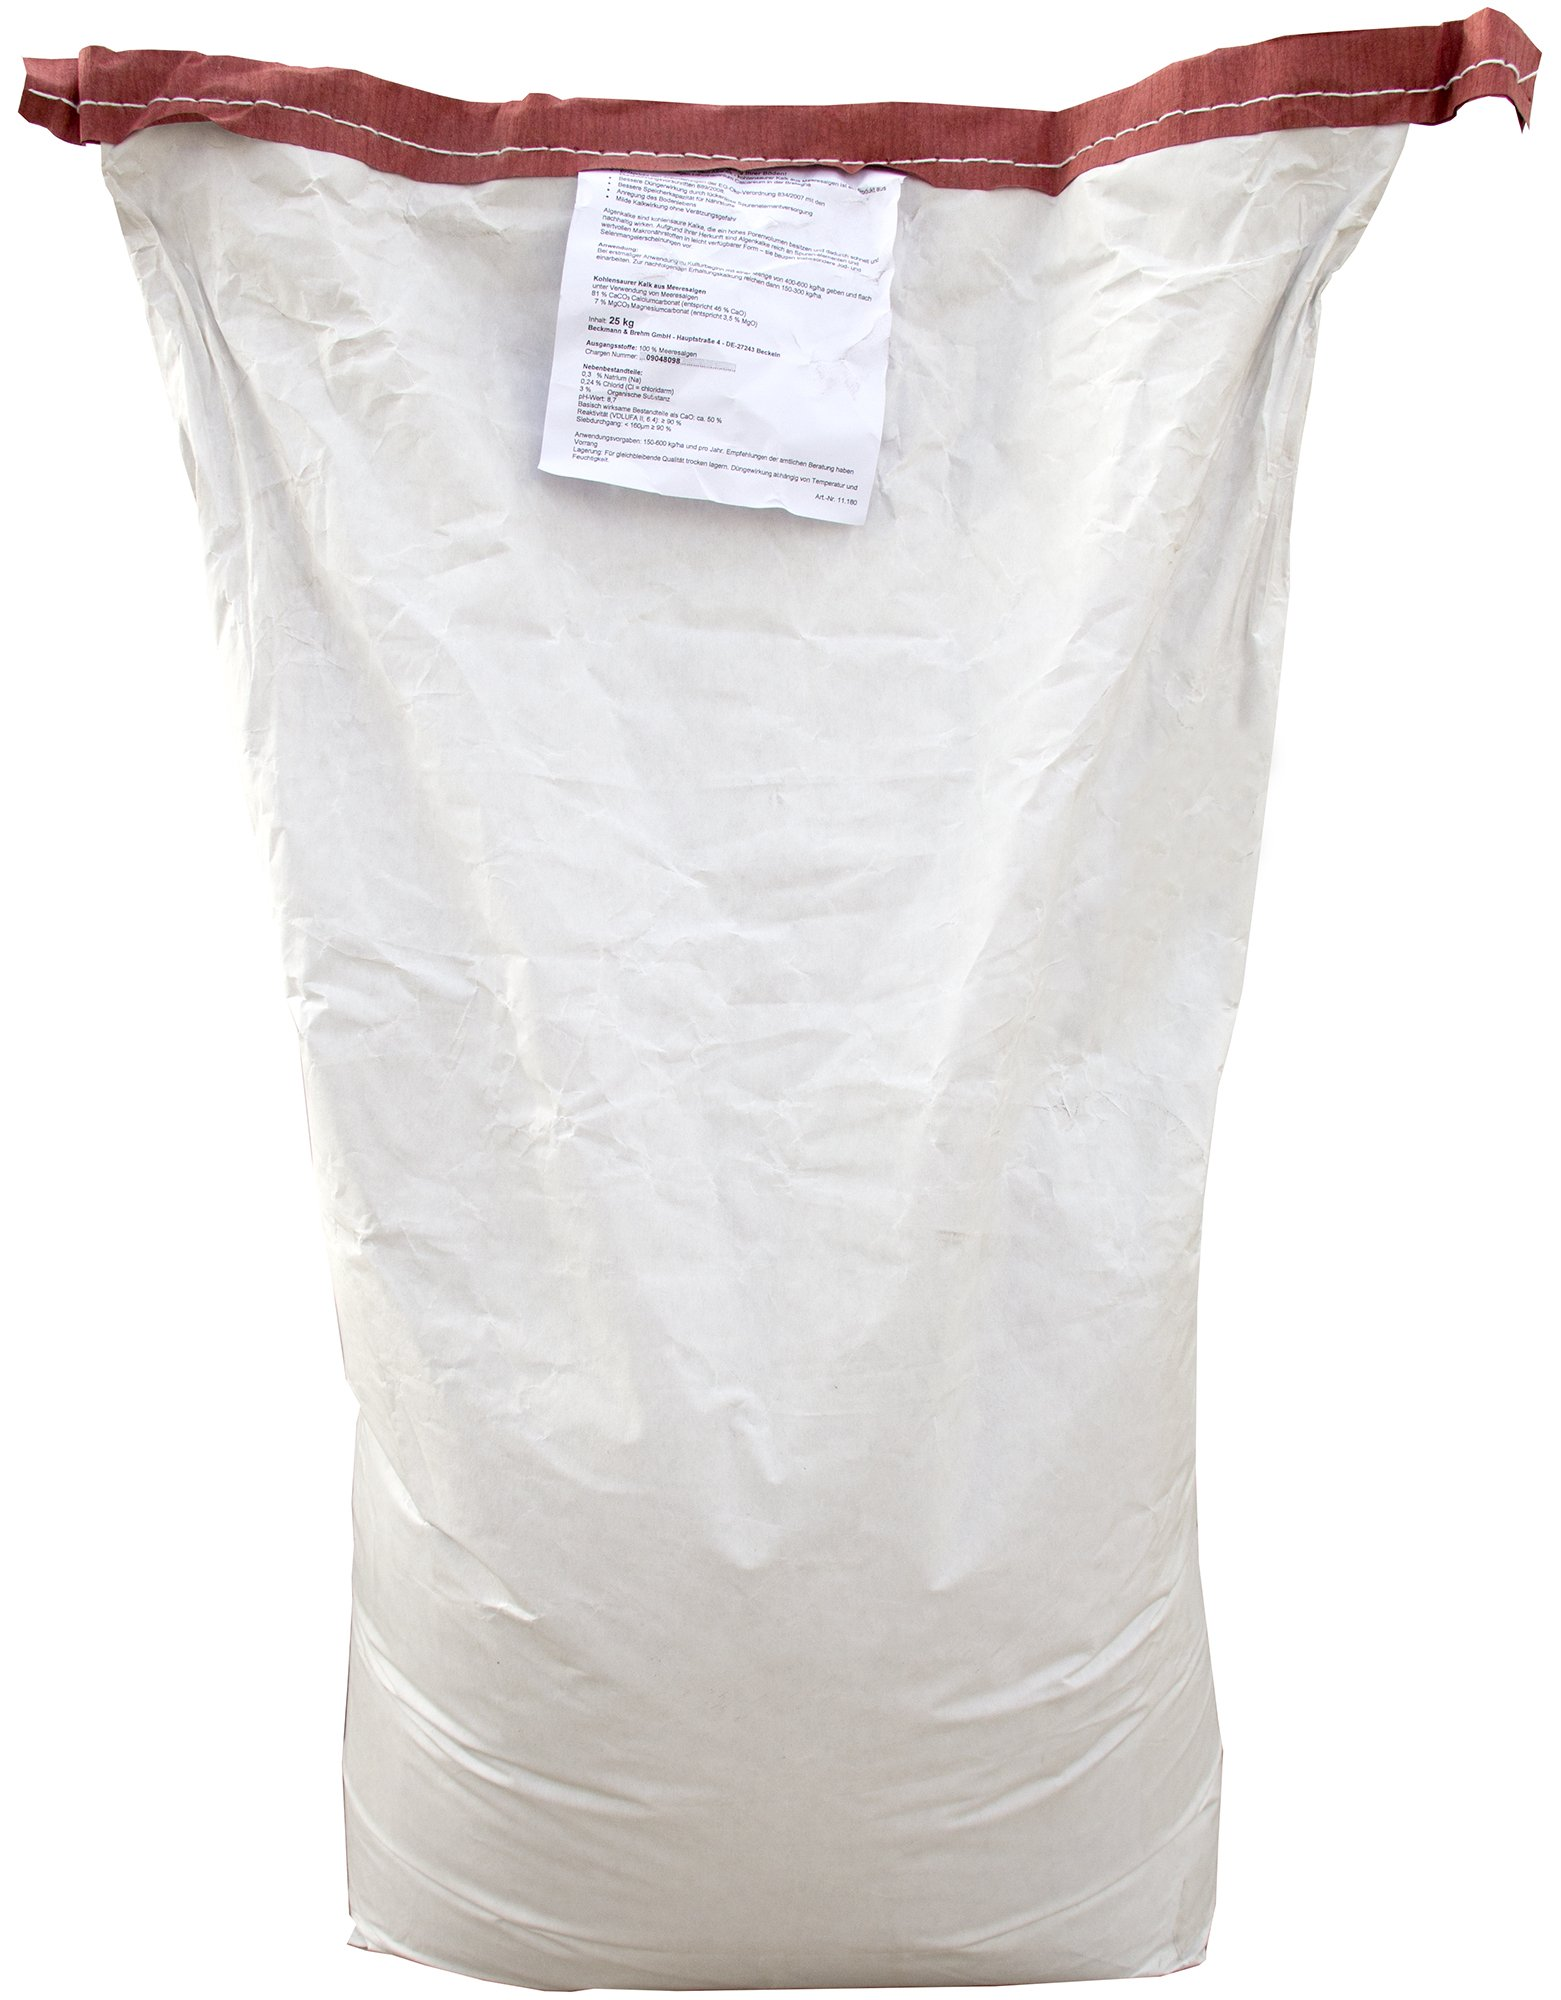 Algenkalk Pulver 25kg - Gartenkalk - Buchsbaumkalk - Zur Behandlung des Pilzes Cylindrocladium buxicola bei Buchsbäumen - Buchsbaumretter product image